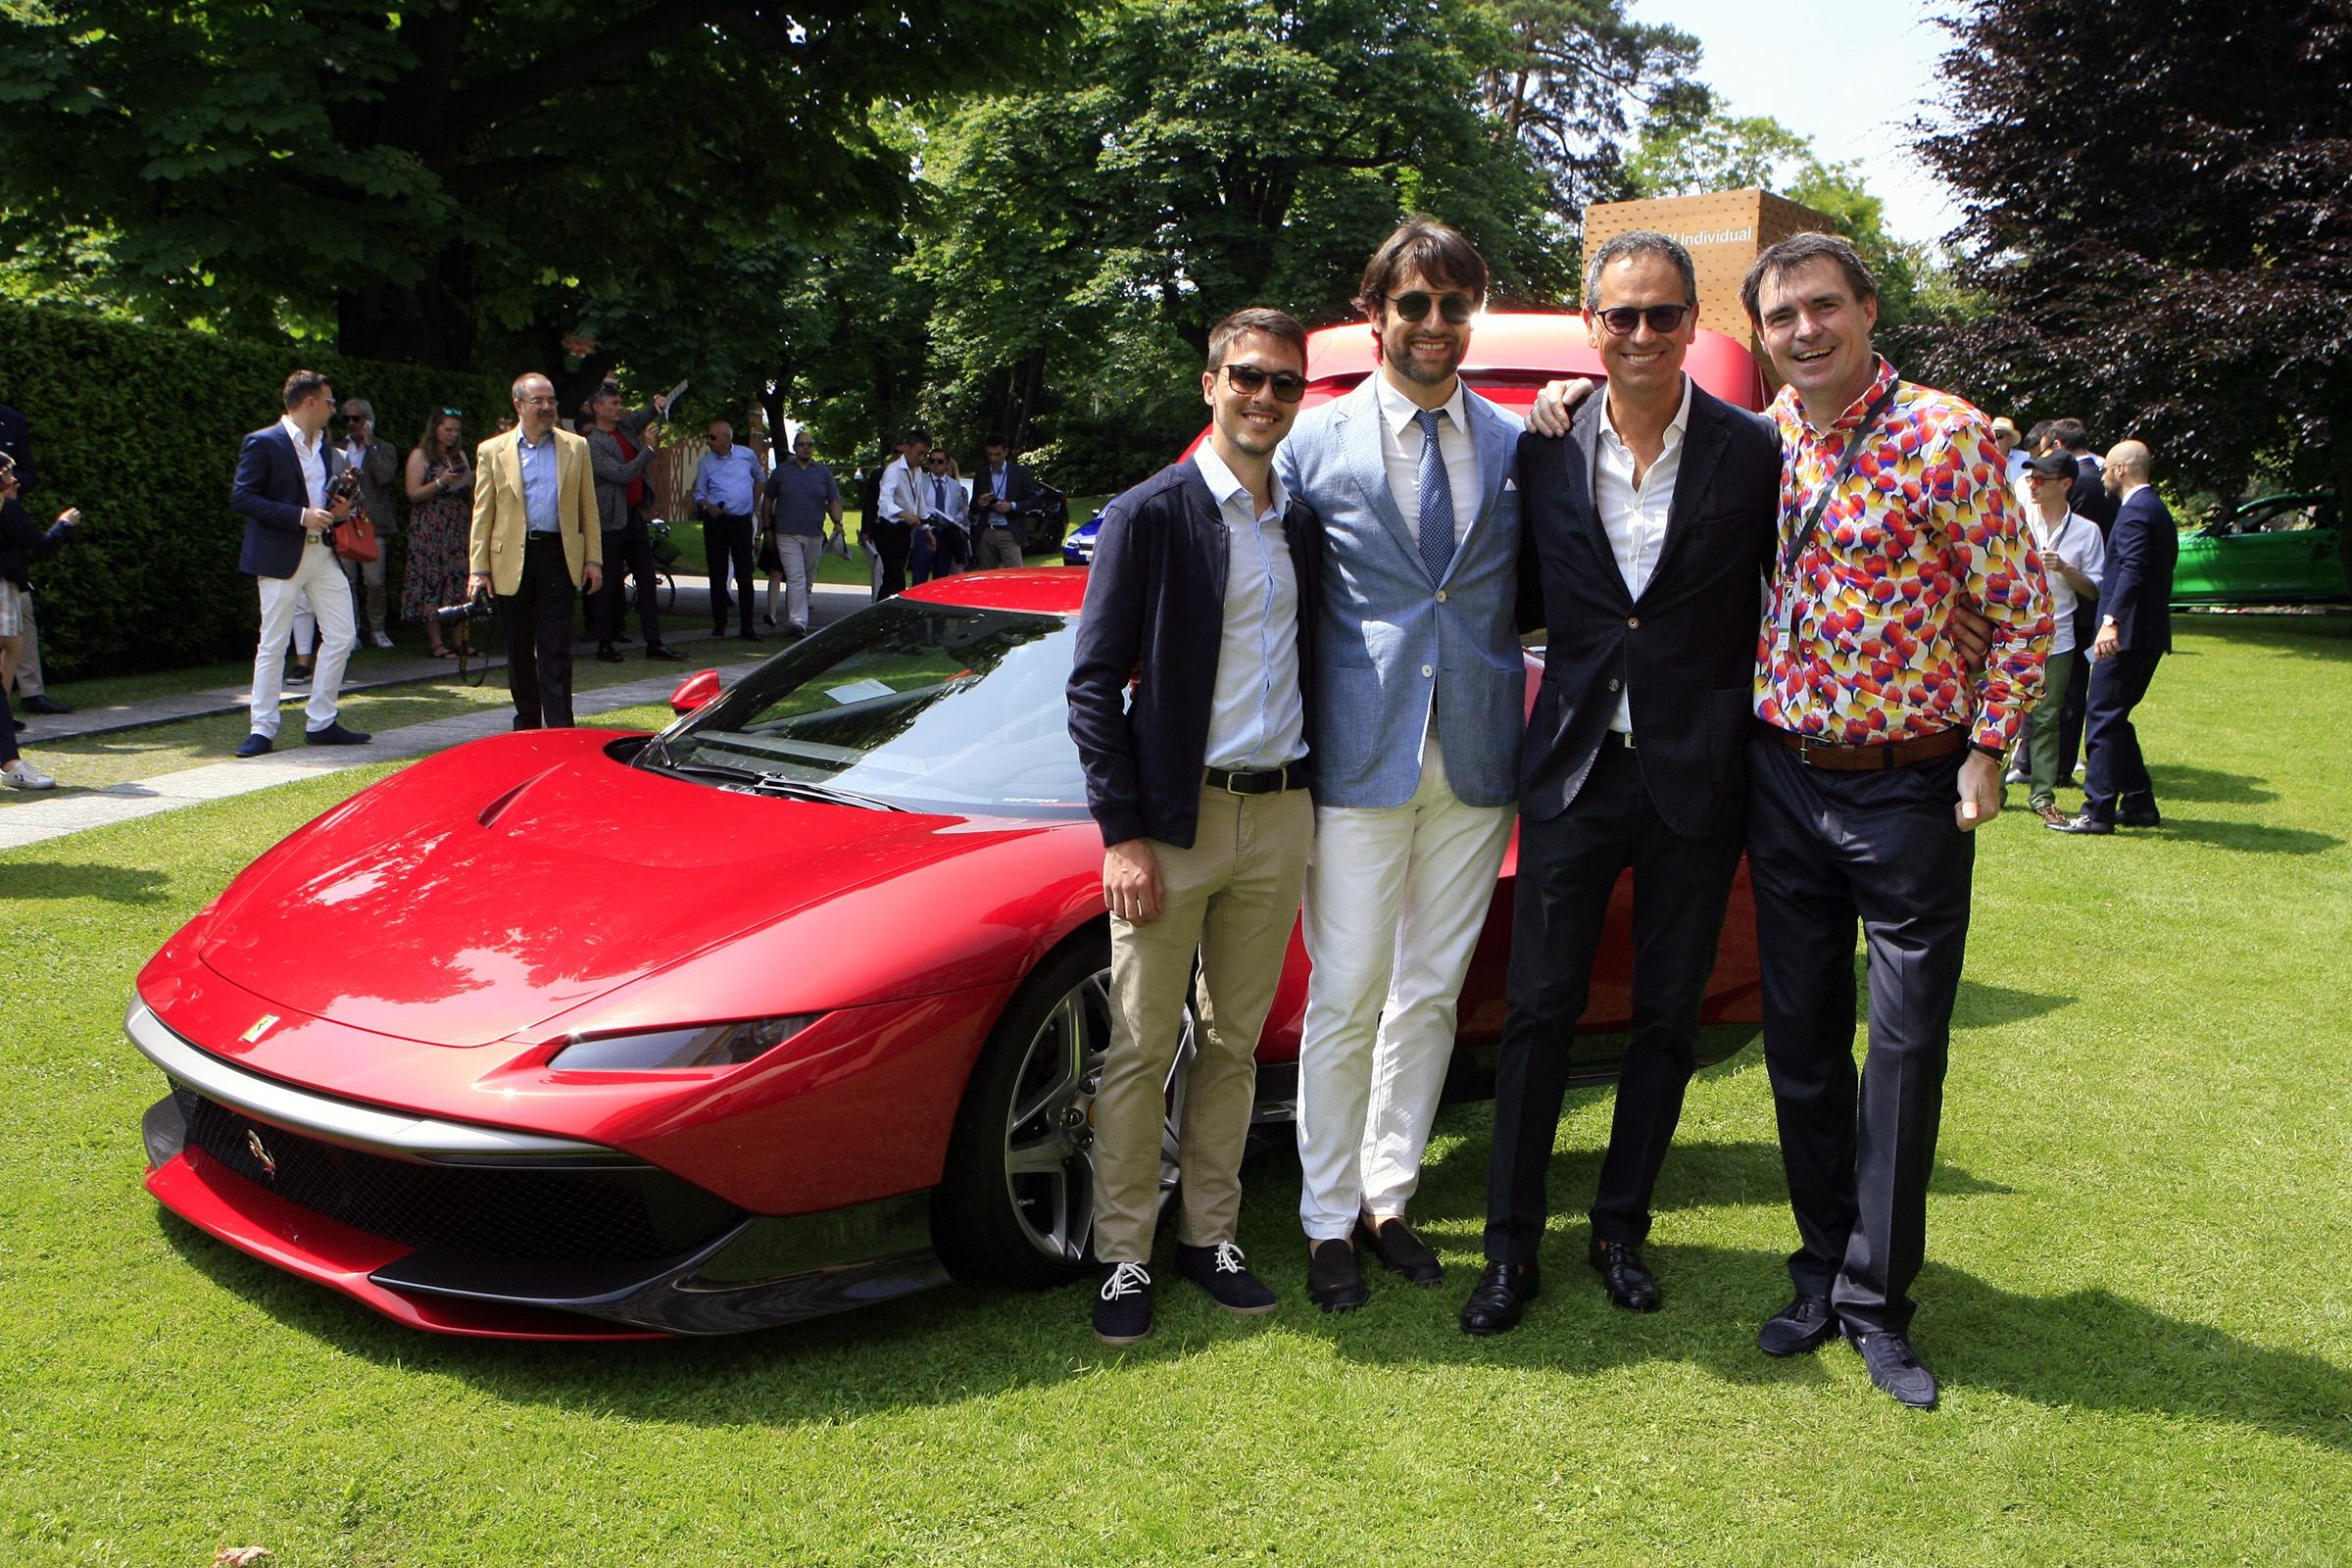 Saturday Moods - Chief designers from Ferrari with the SP38 Deborah